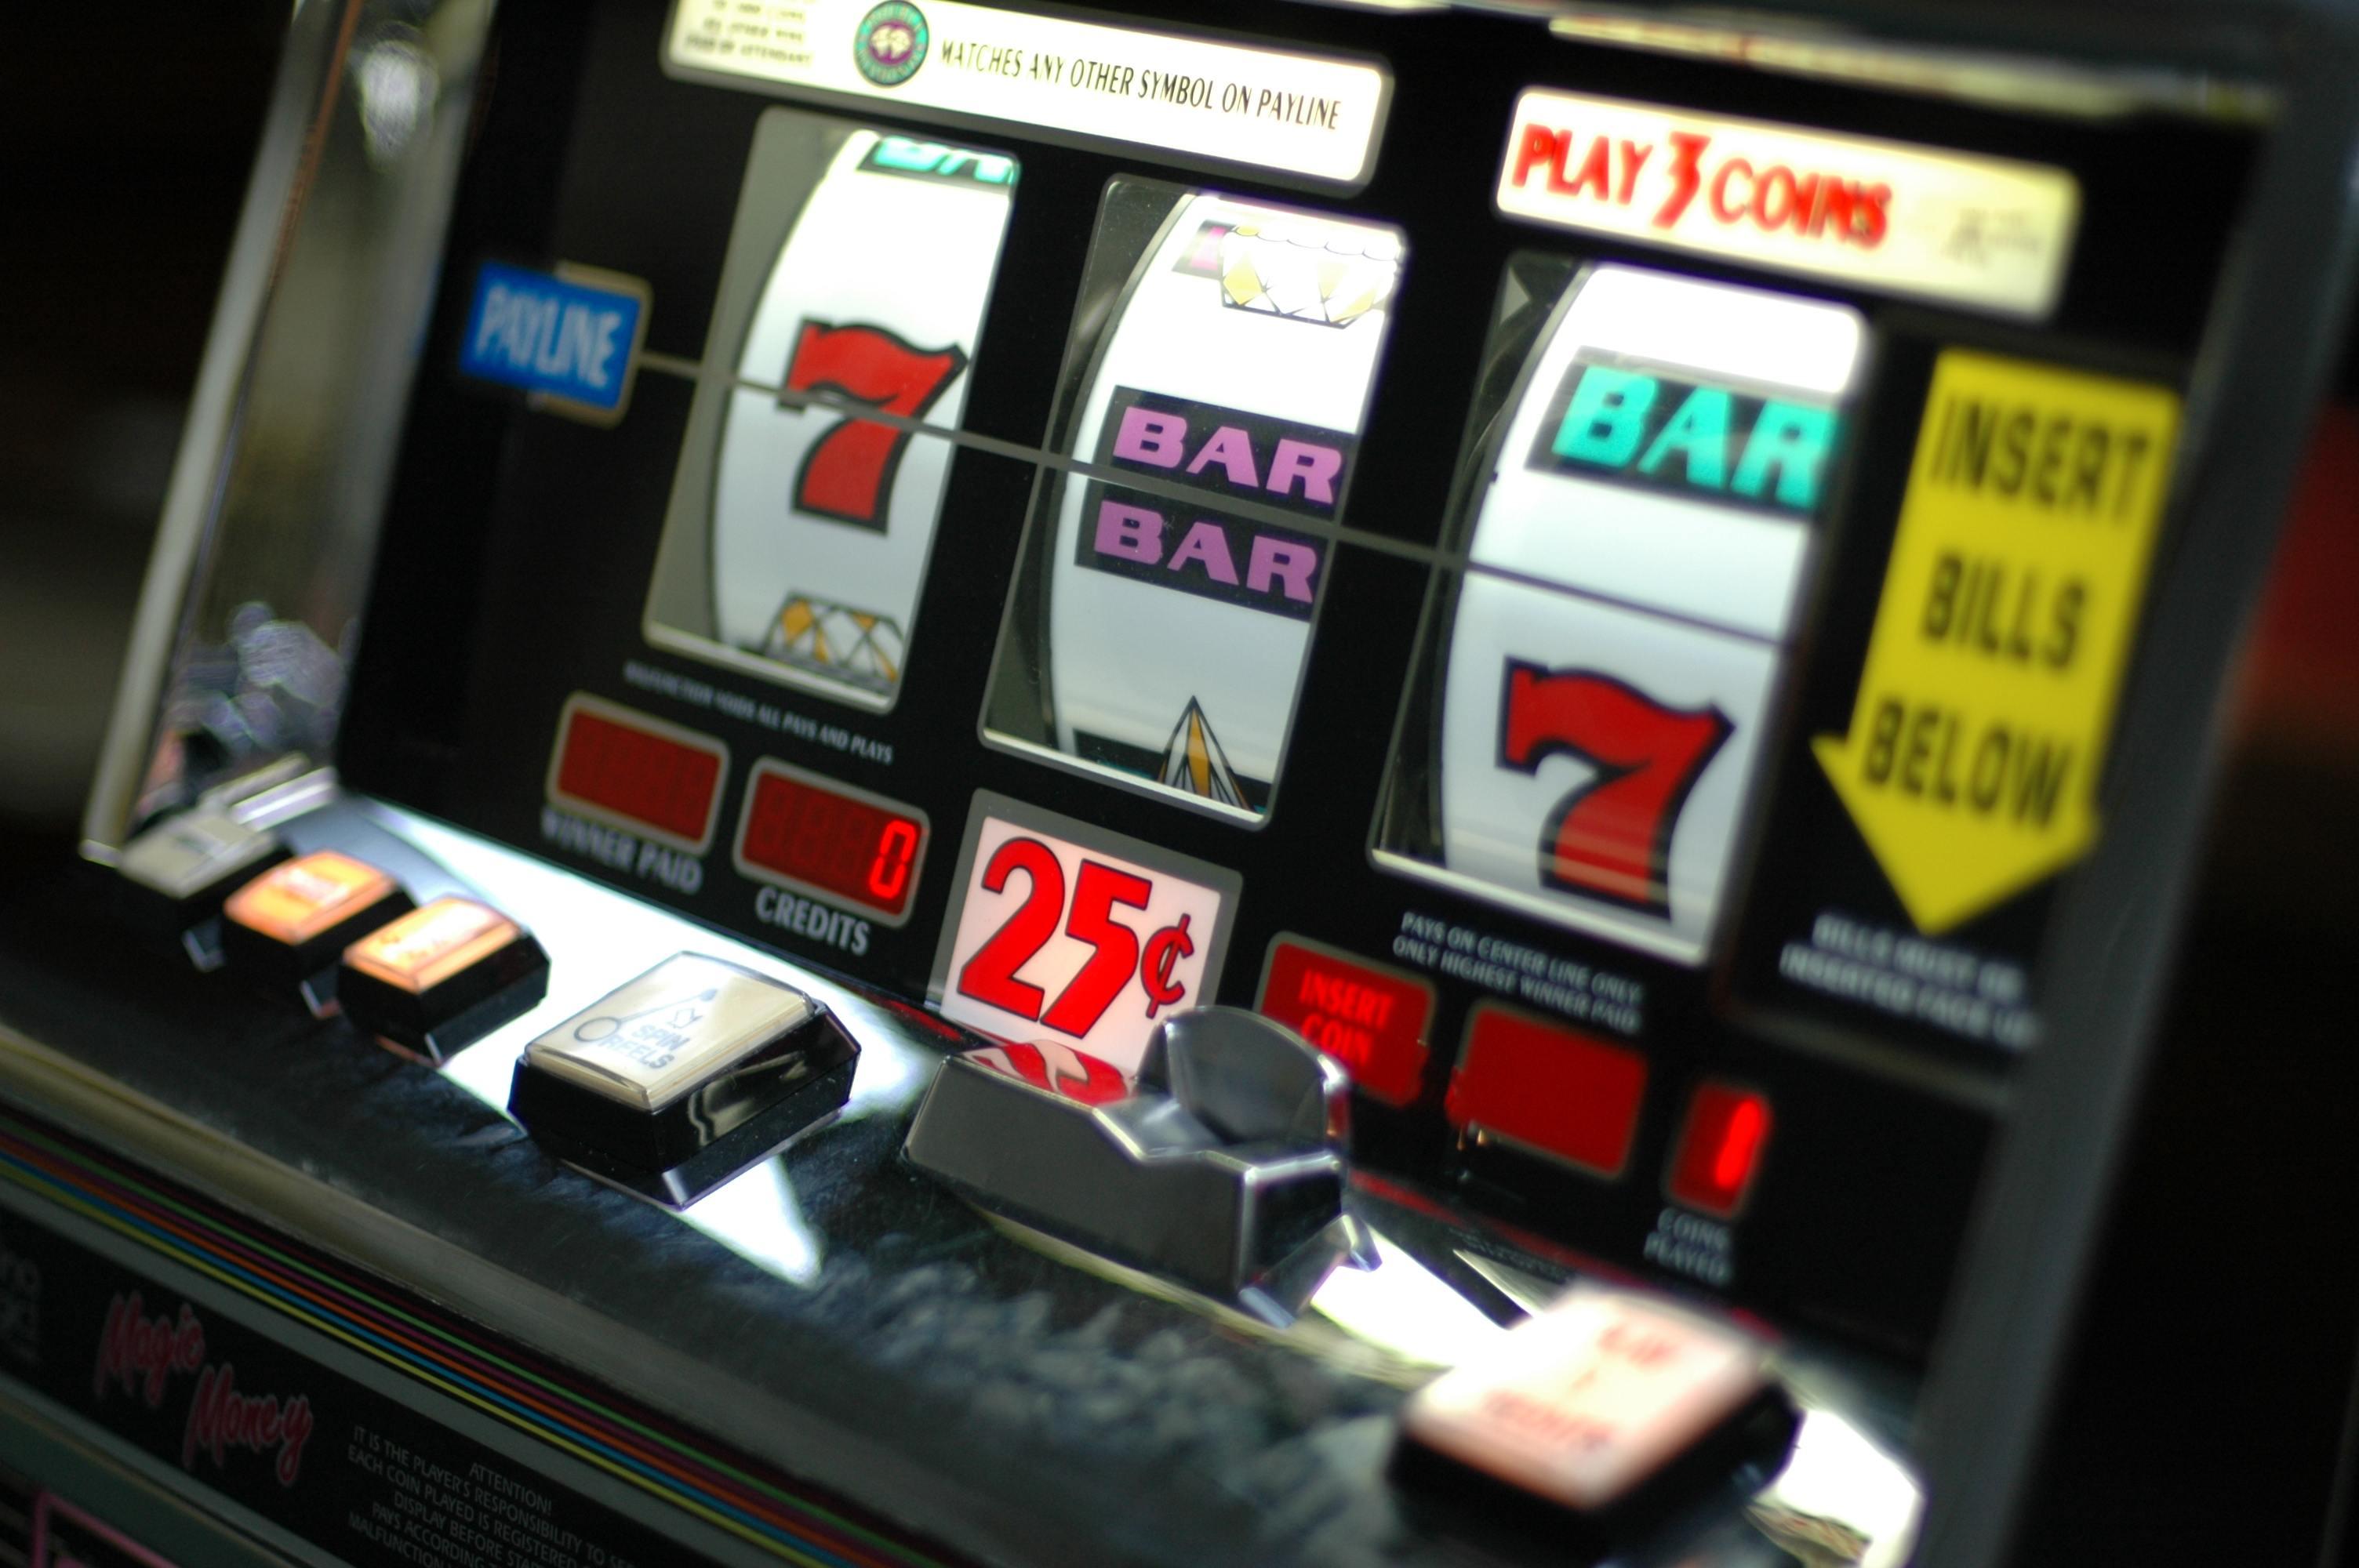 Slot Machine Bar Bar Bar Match